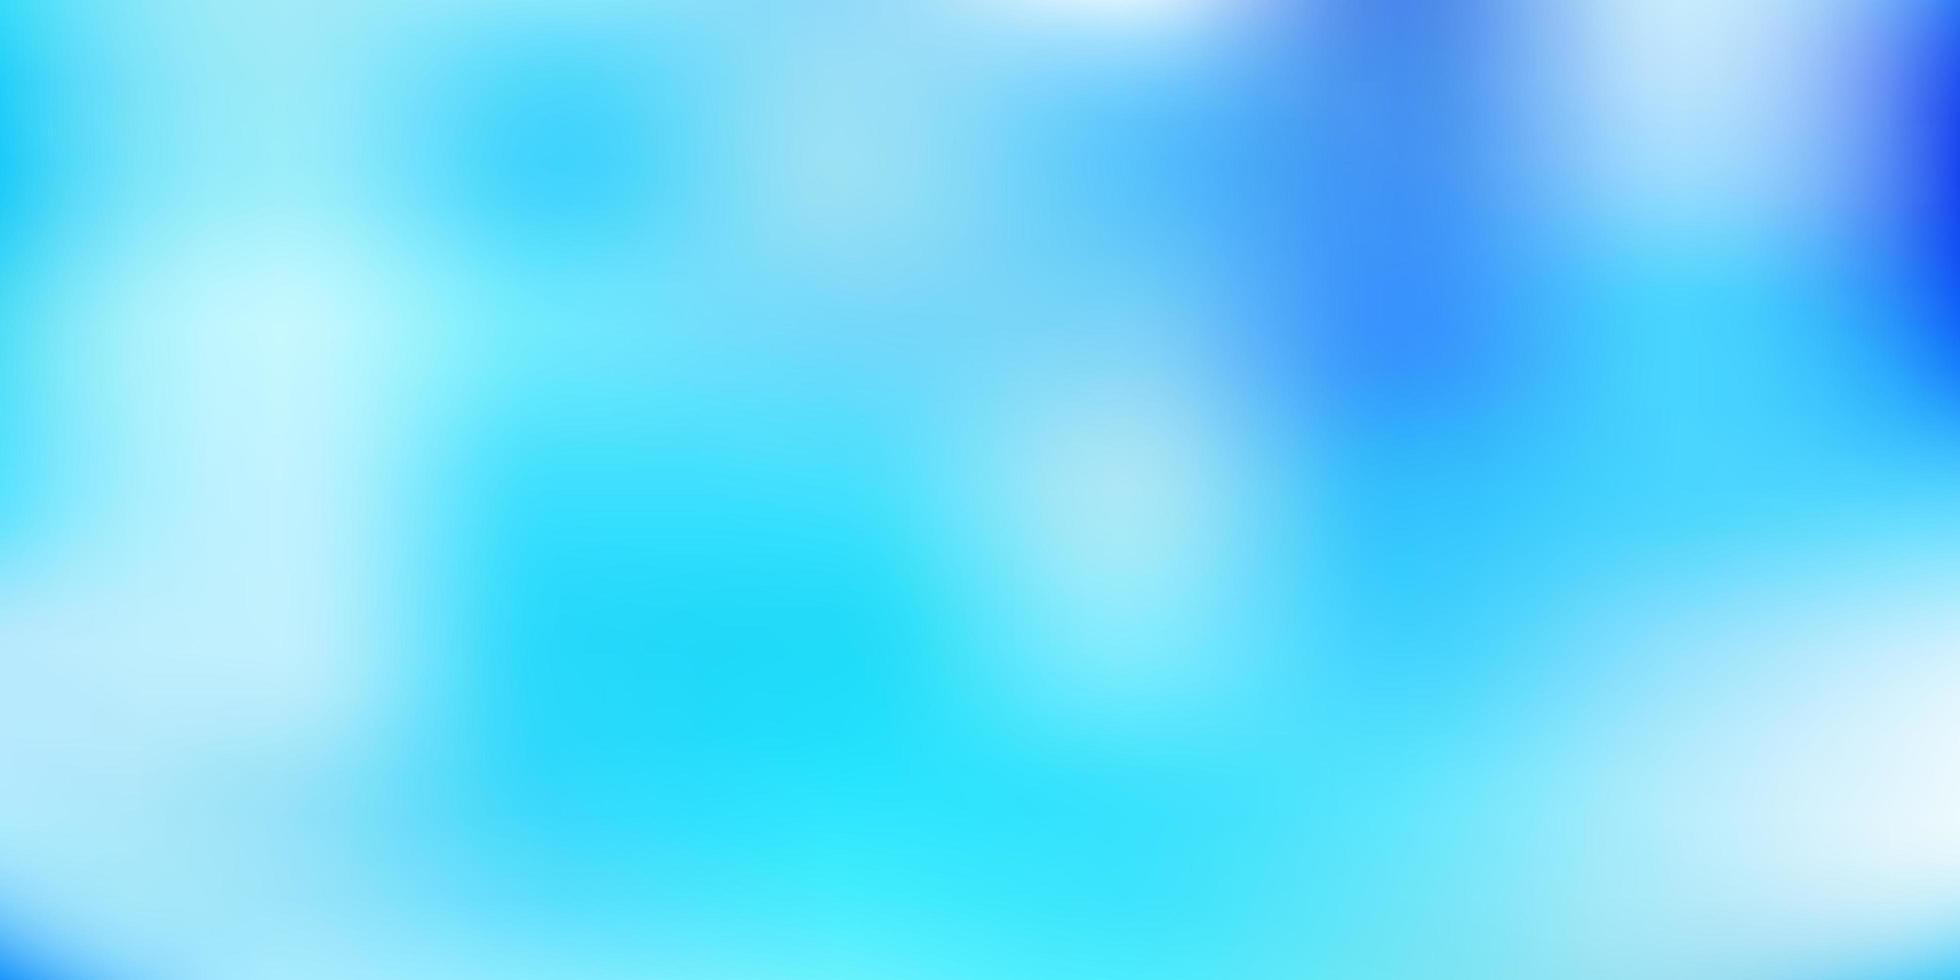 ljusblå tonad bakgrund. vektor